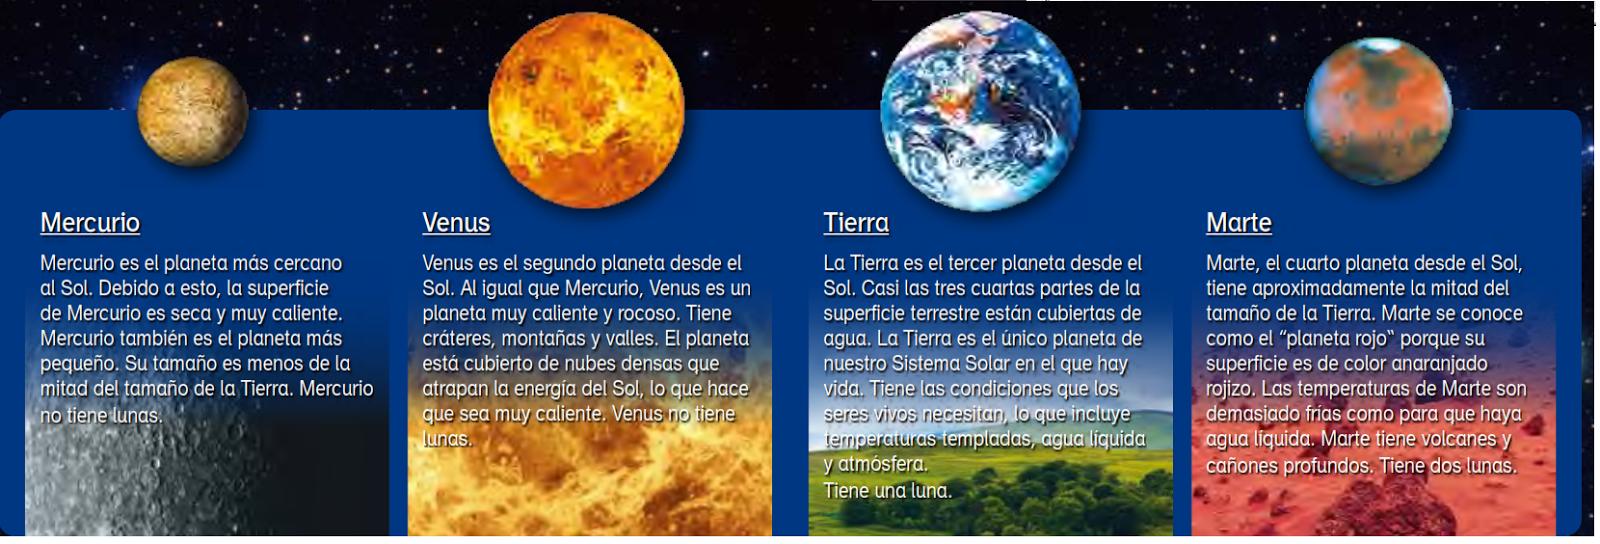 Hace los deberes sistema solar planetas terrestres pinterest el deber sistema solar y solar - Caracteristicas de los planetas interiores ...